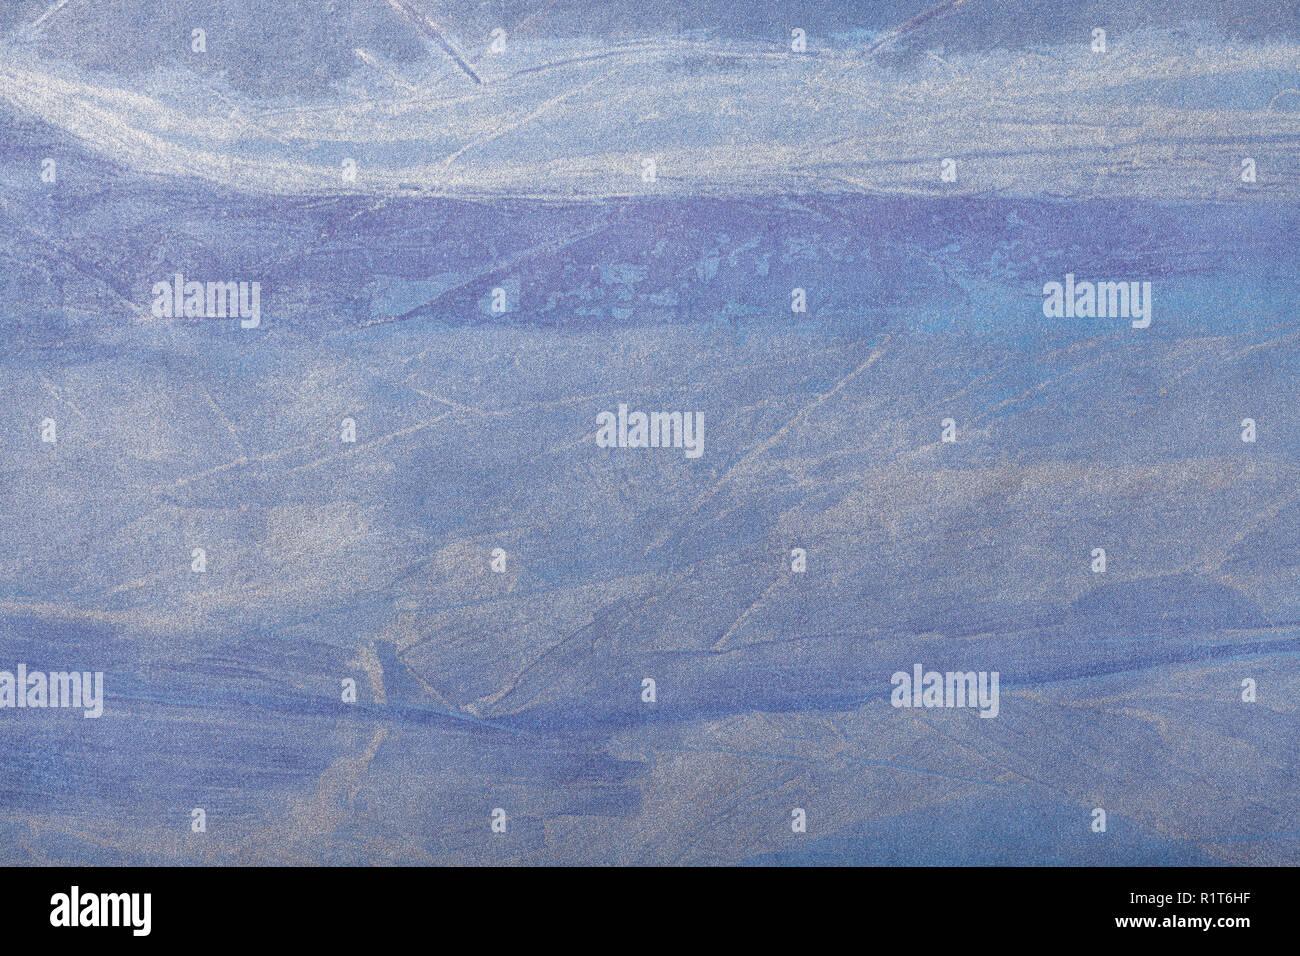 abstrait art fond bleu marine et couleur argent. peinture sur toile